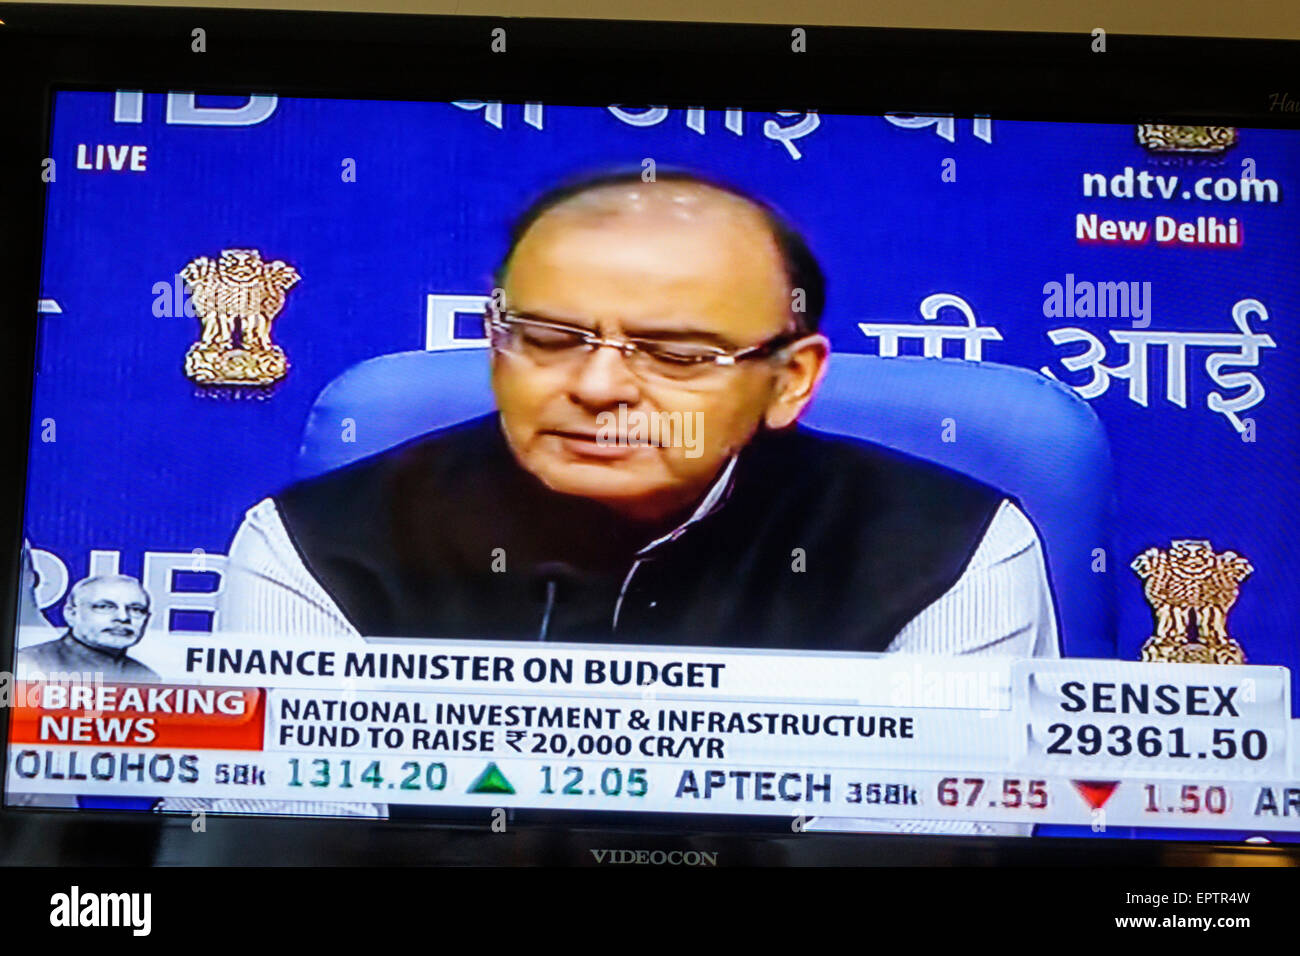 Mumbai Inde Asian Television écran plat câble moniteur budget NDTV Jaitley ministre des Finances Photo Stock